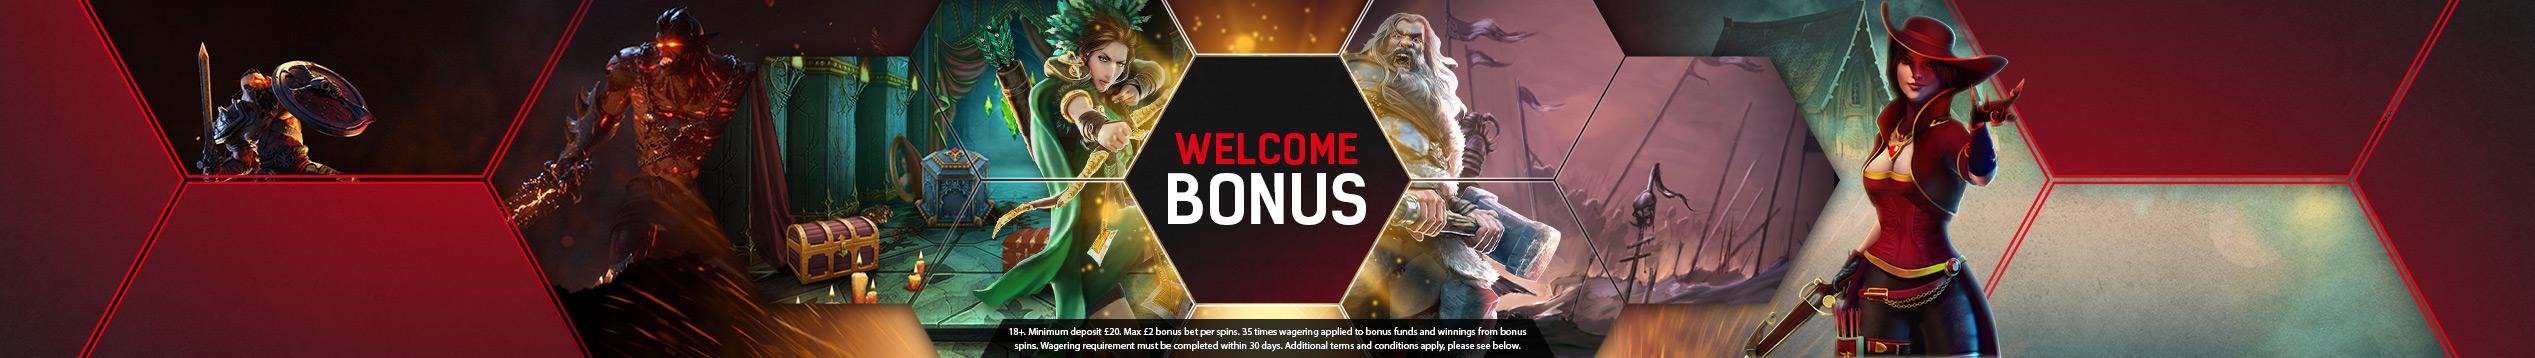 Grab up to £100 deposit bonus